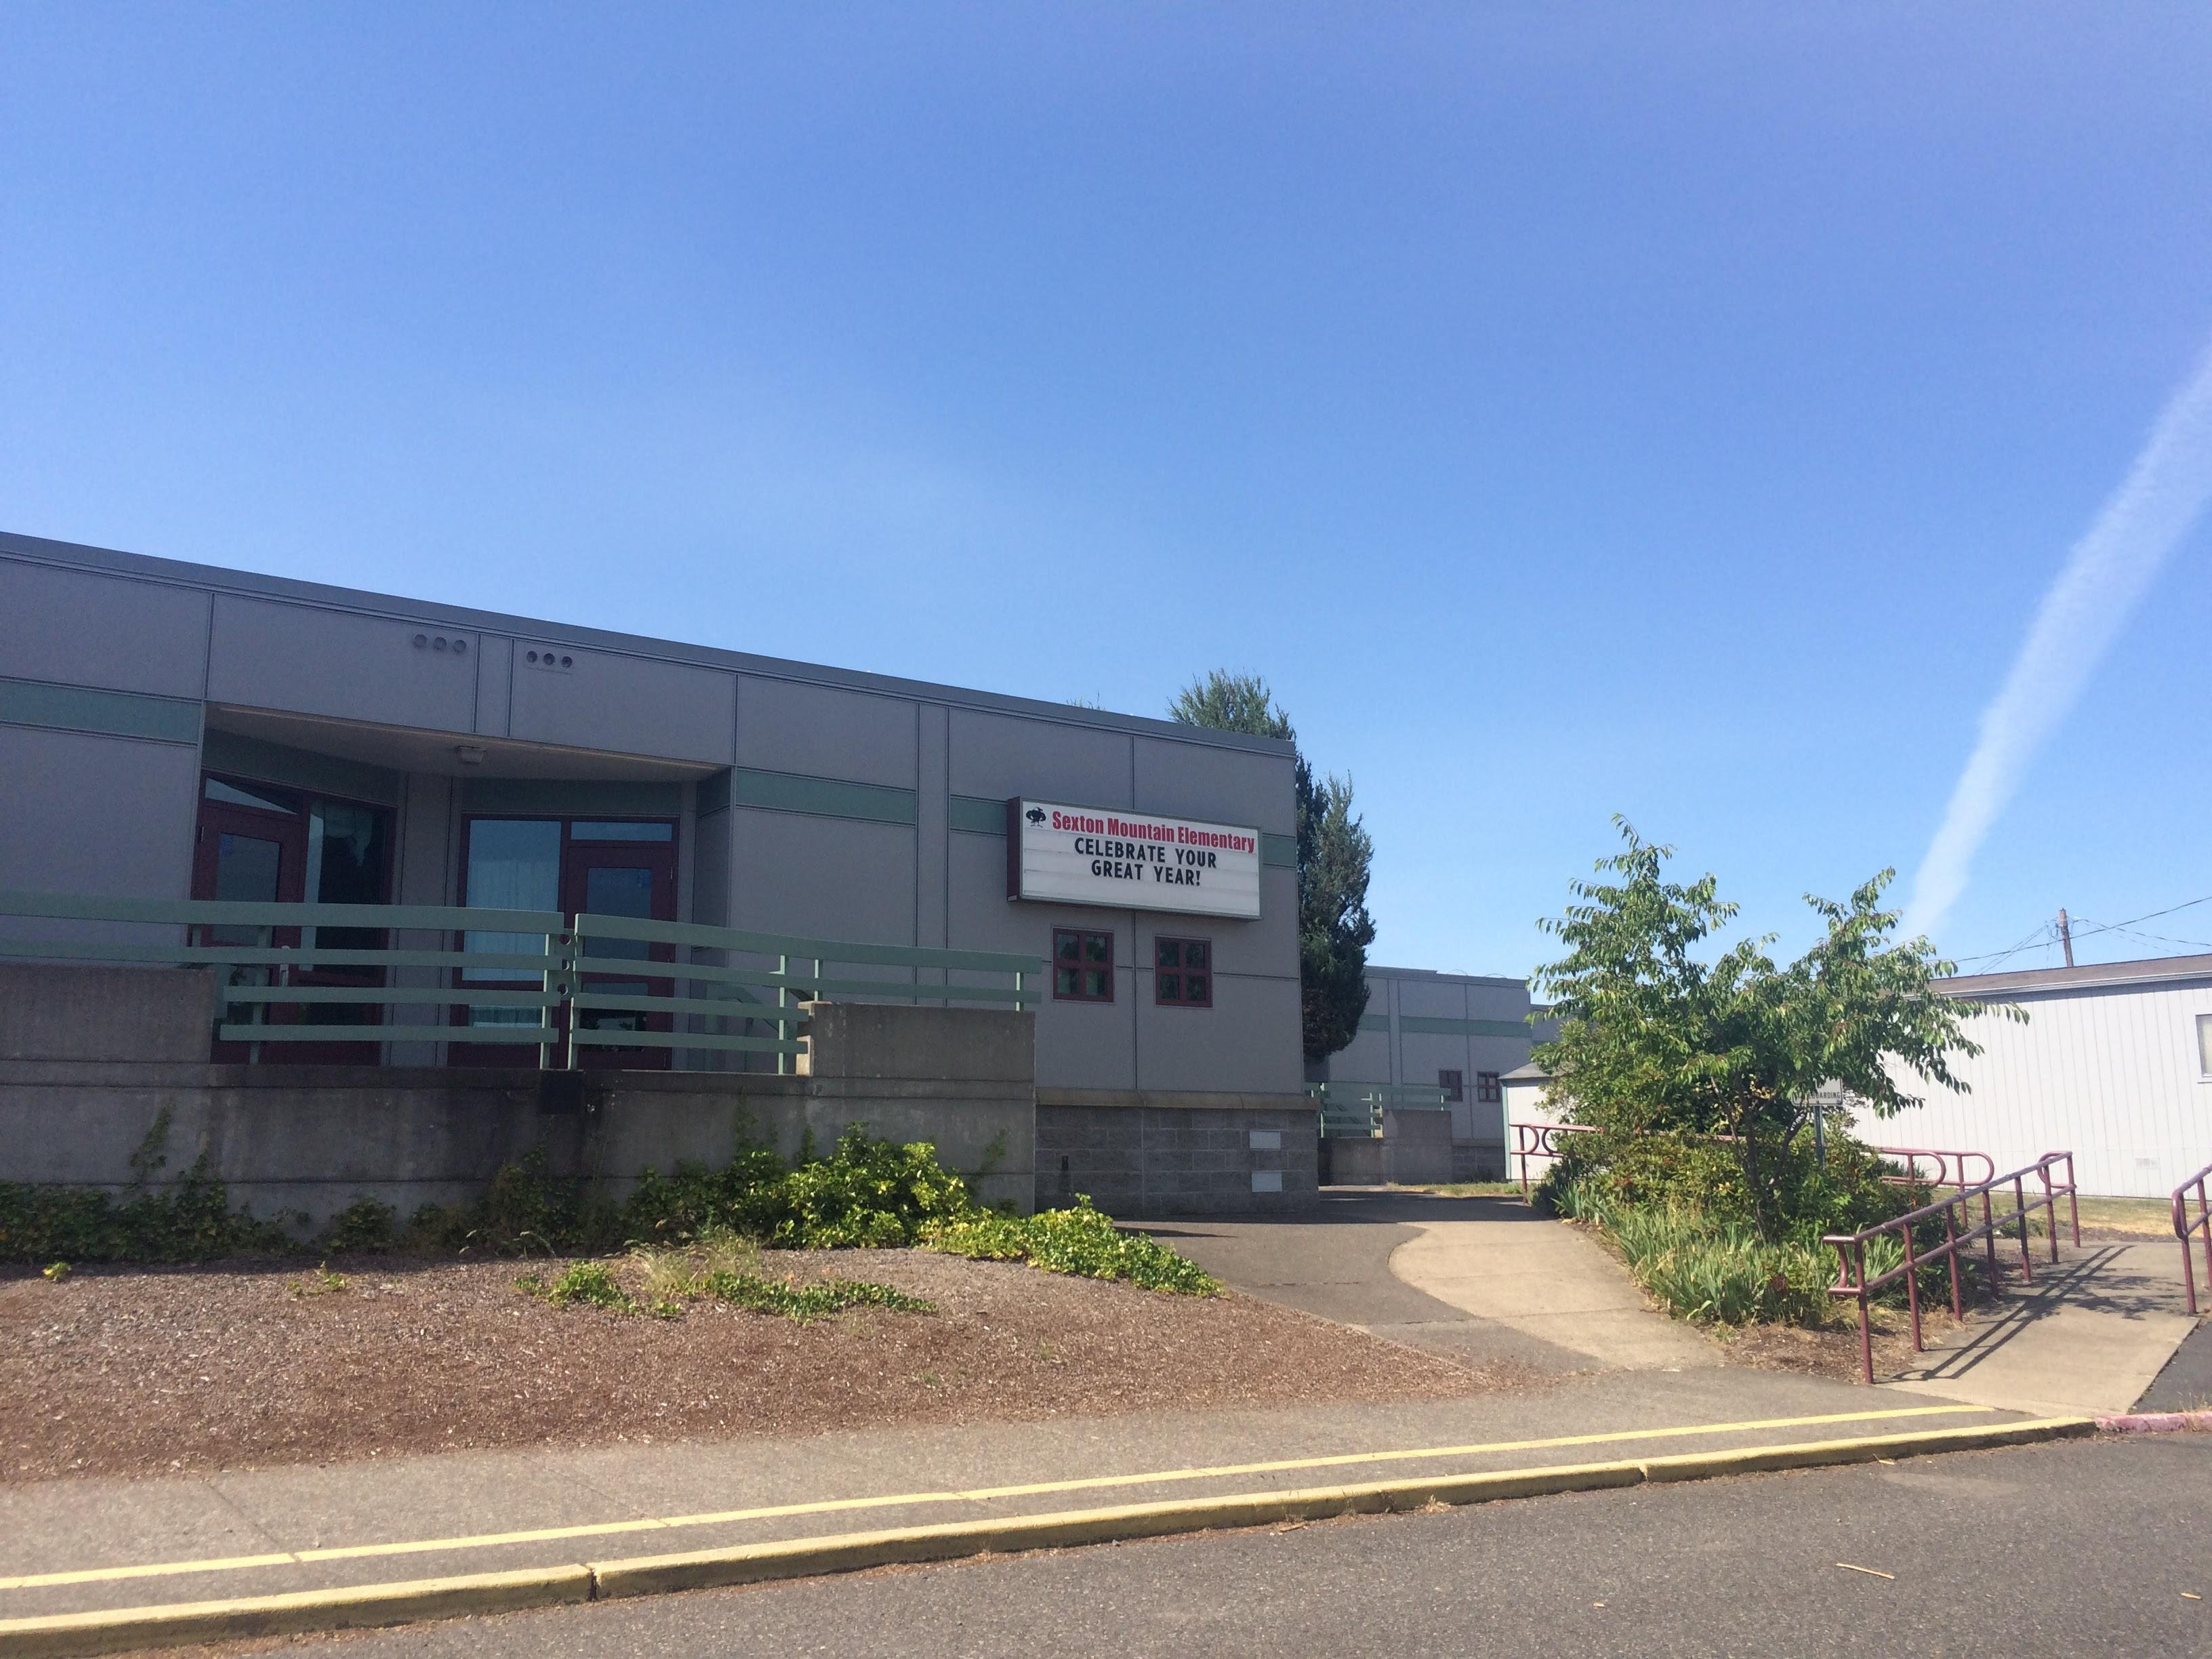 Sexton Mountain Elementary School (Beaverton, Oregon) Homes for Sale